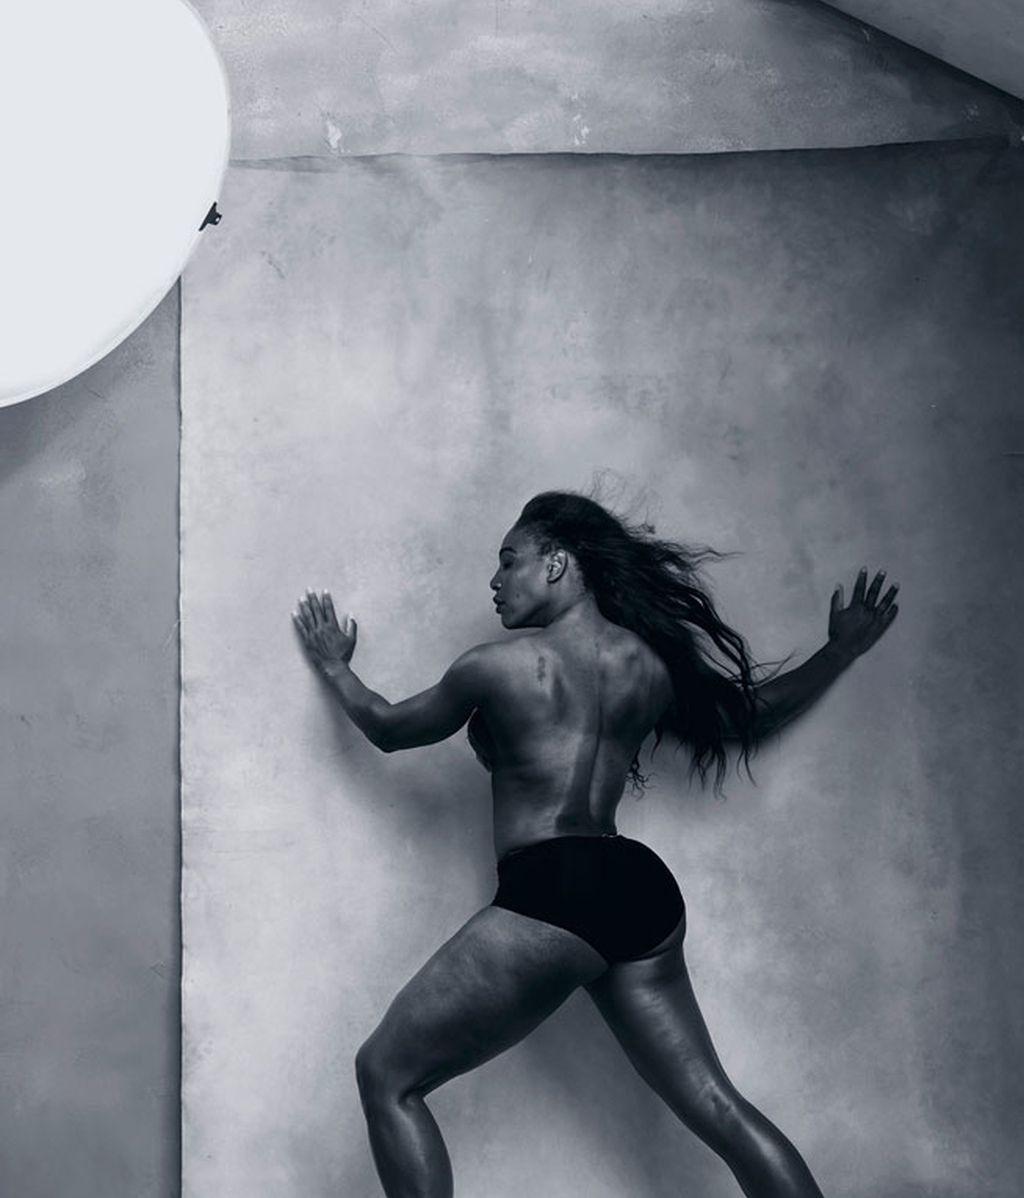 Ha cambiado modelos por pioneras de las artes, el humor y el deporte